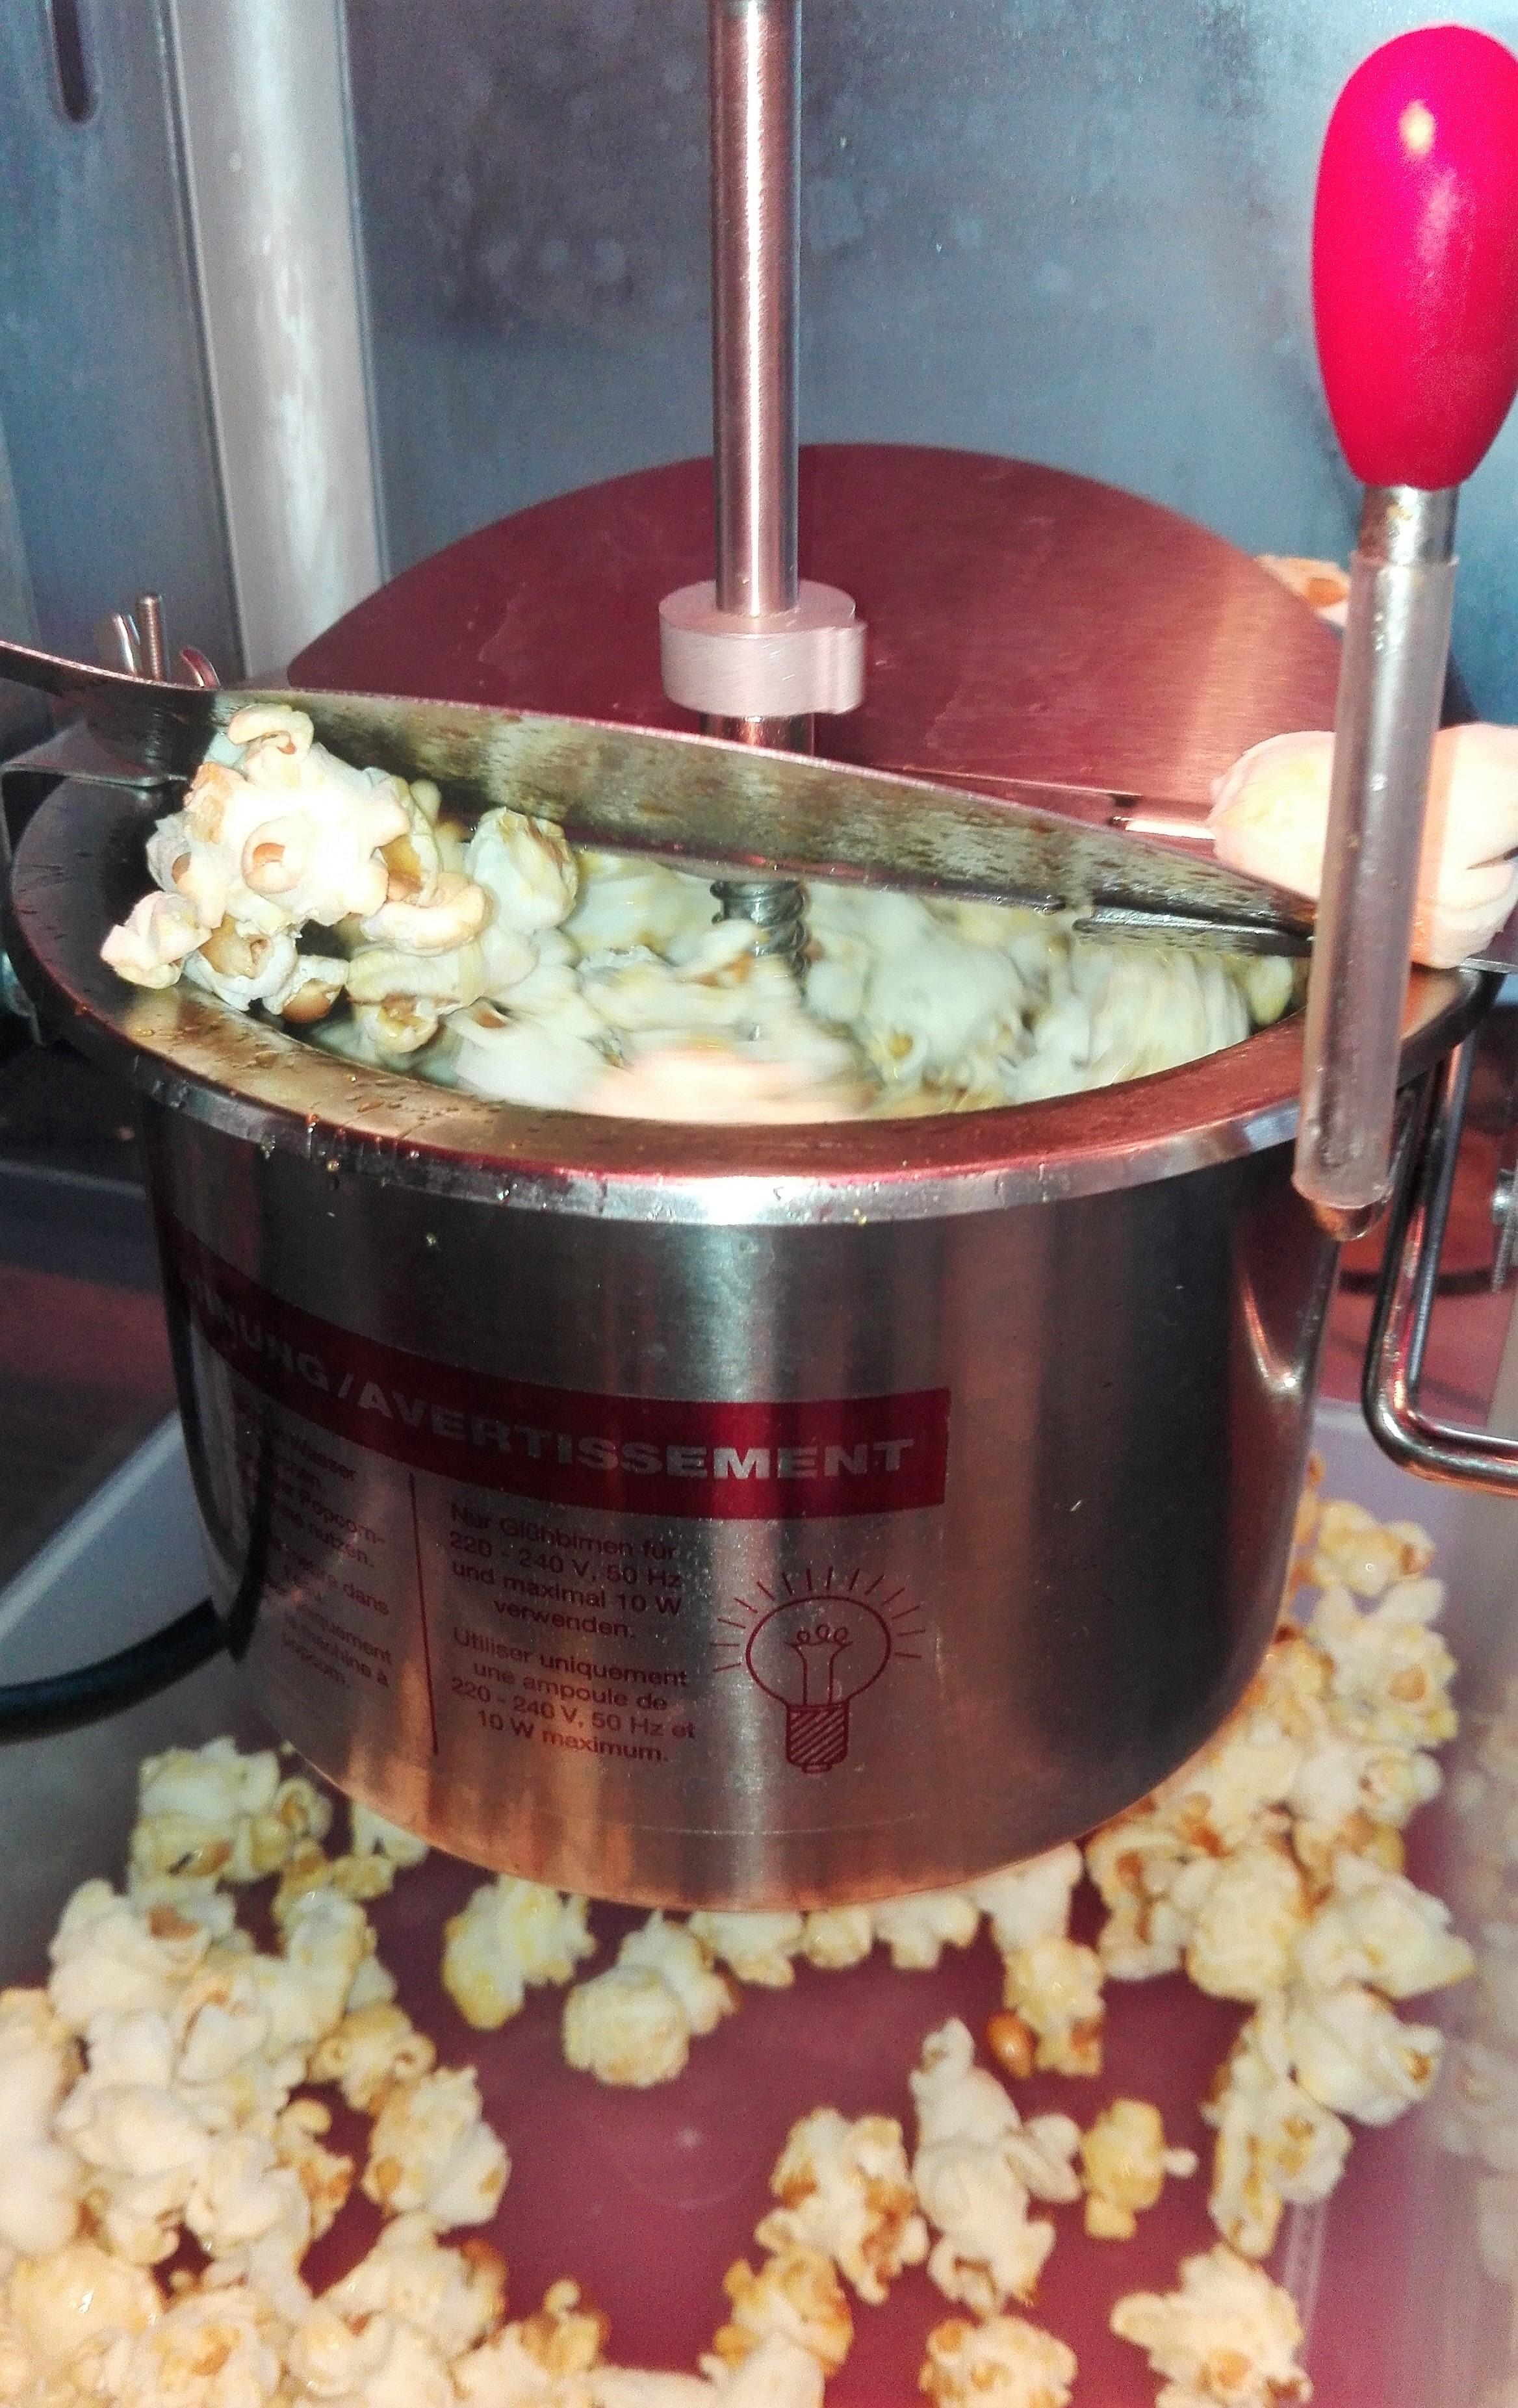 https://www.expondo.de/popcornmaschinen/